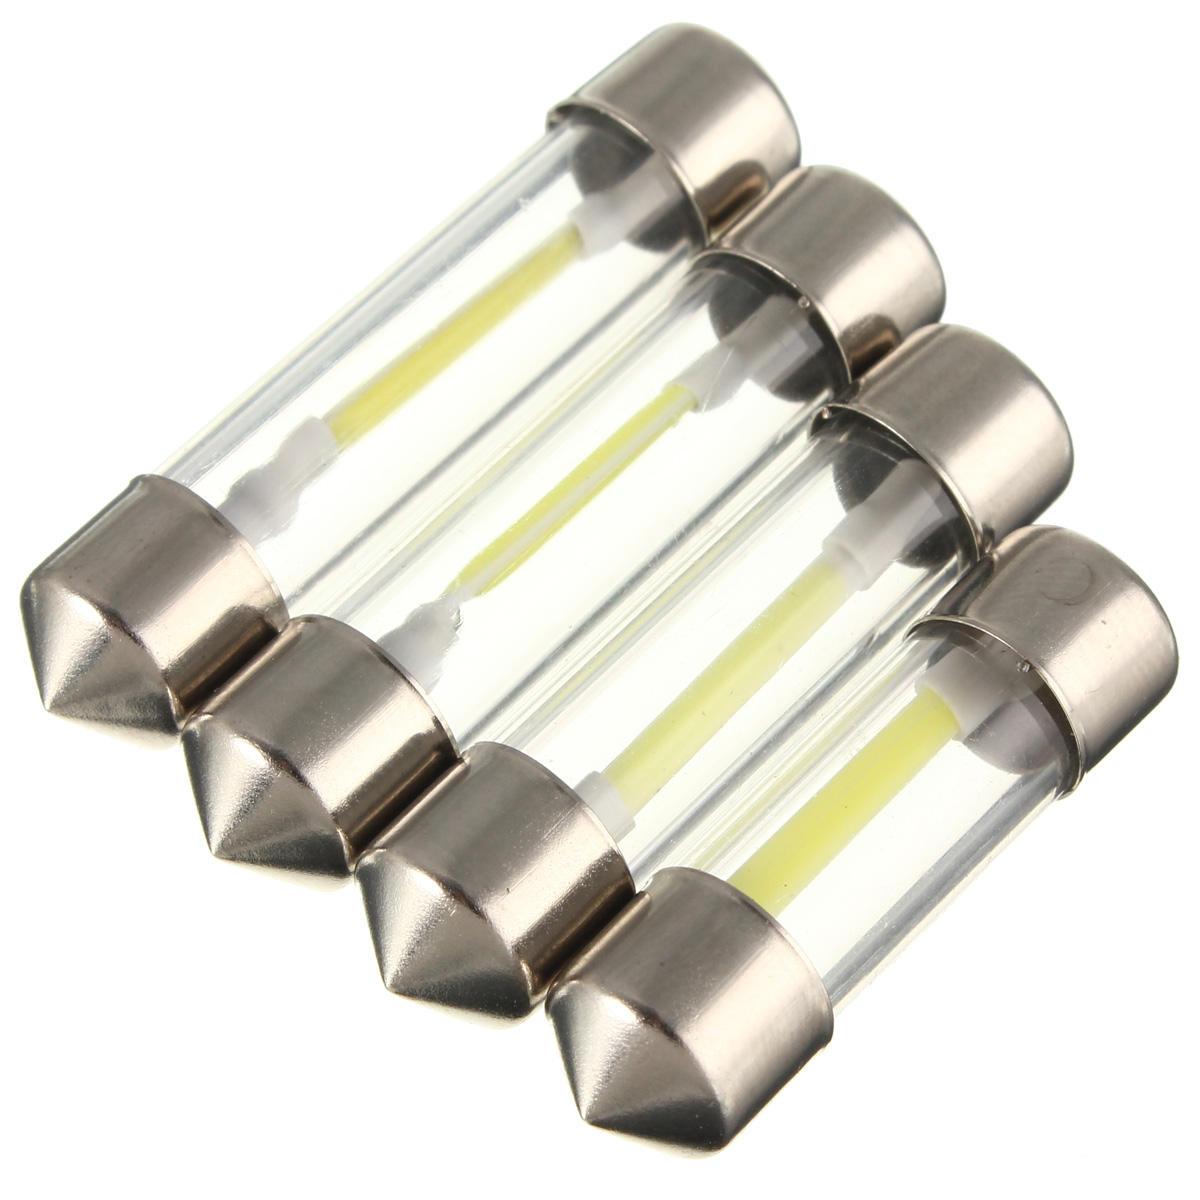 31/36/39/41mm COB LED Festoon Dome Lights License Plate Reading Map Lamp 12V White